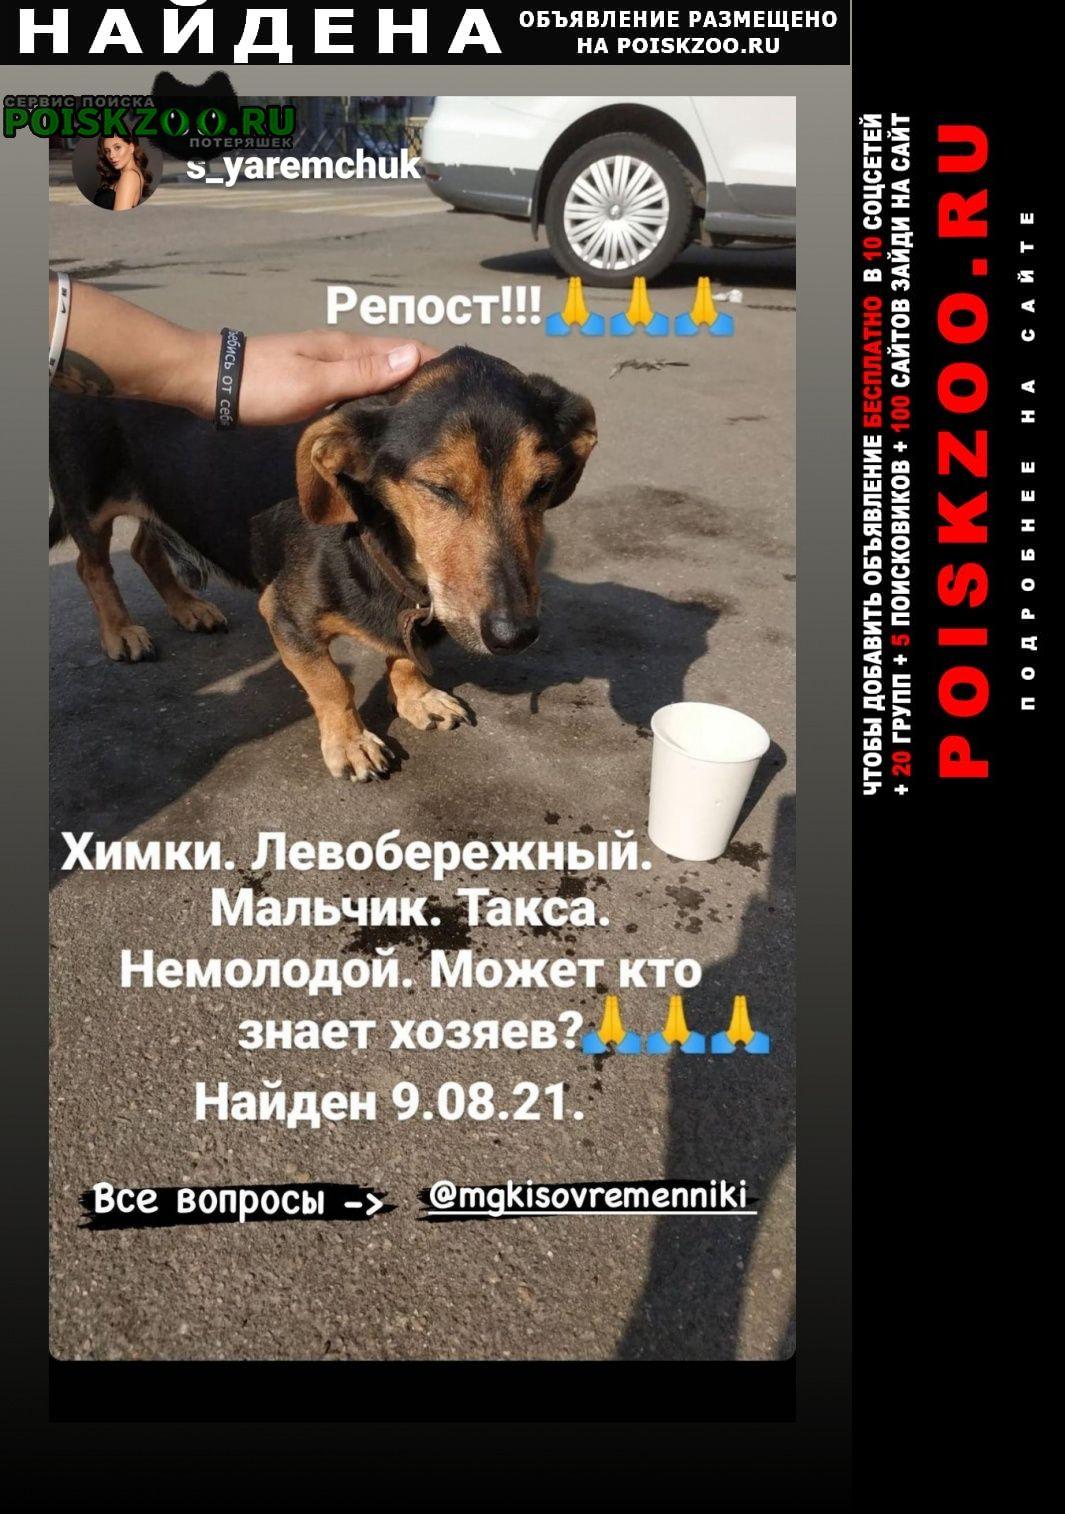 Найдена собака кобель такса Химки